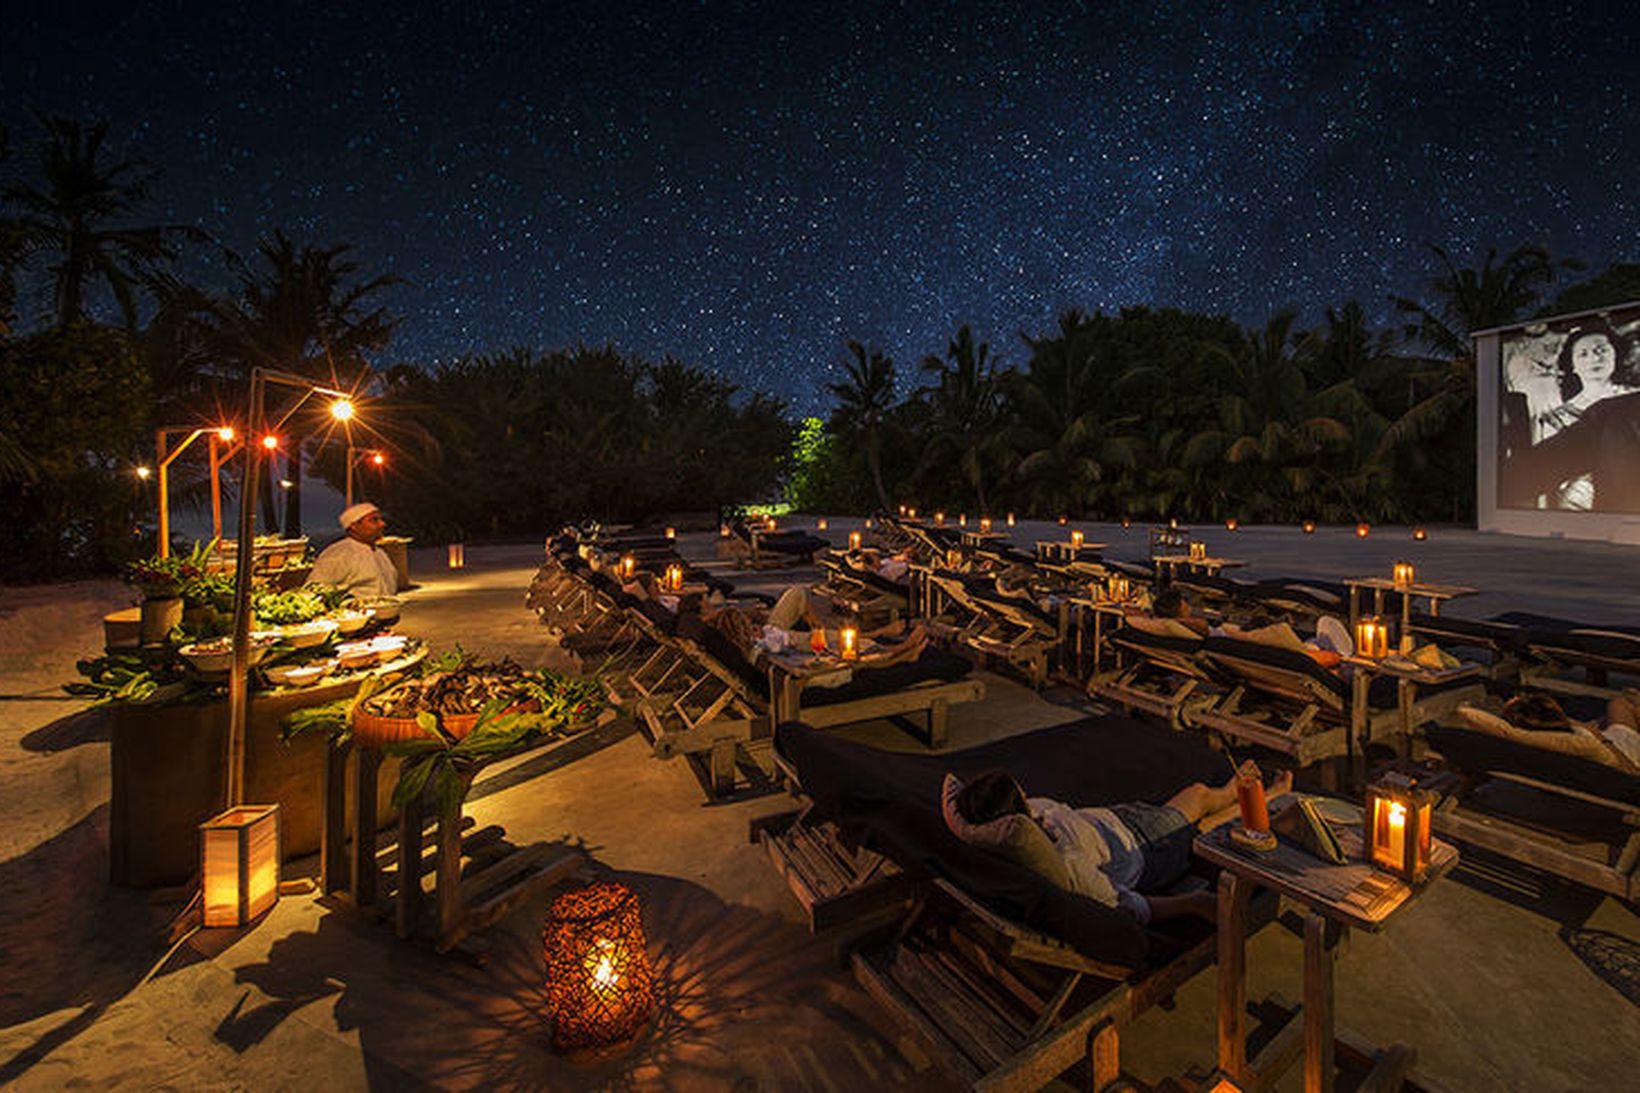 Cinema Paradiso kvikmyndahúsið á Soneva Fushi hótelinu á Maldive-eyjum er …